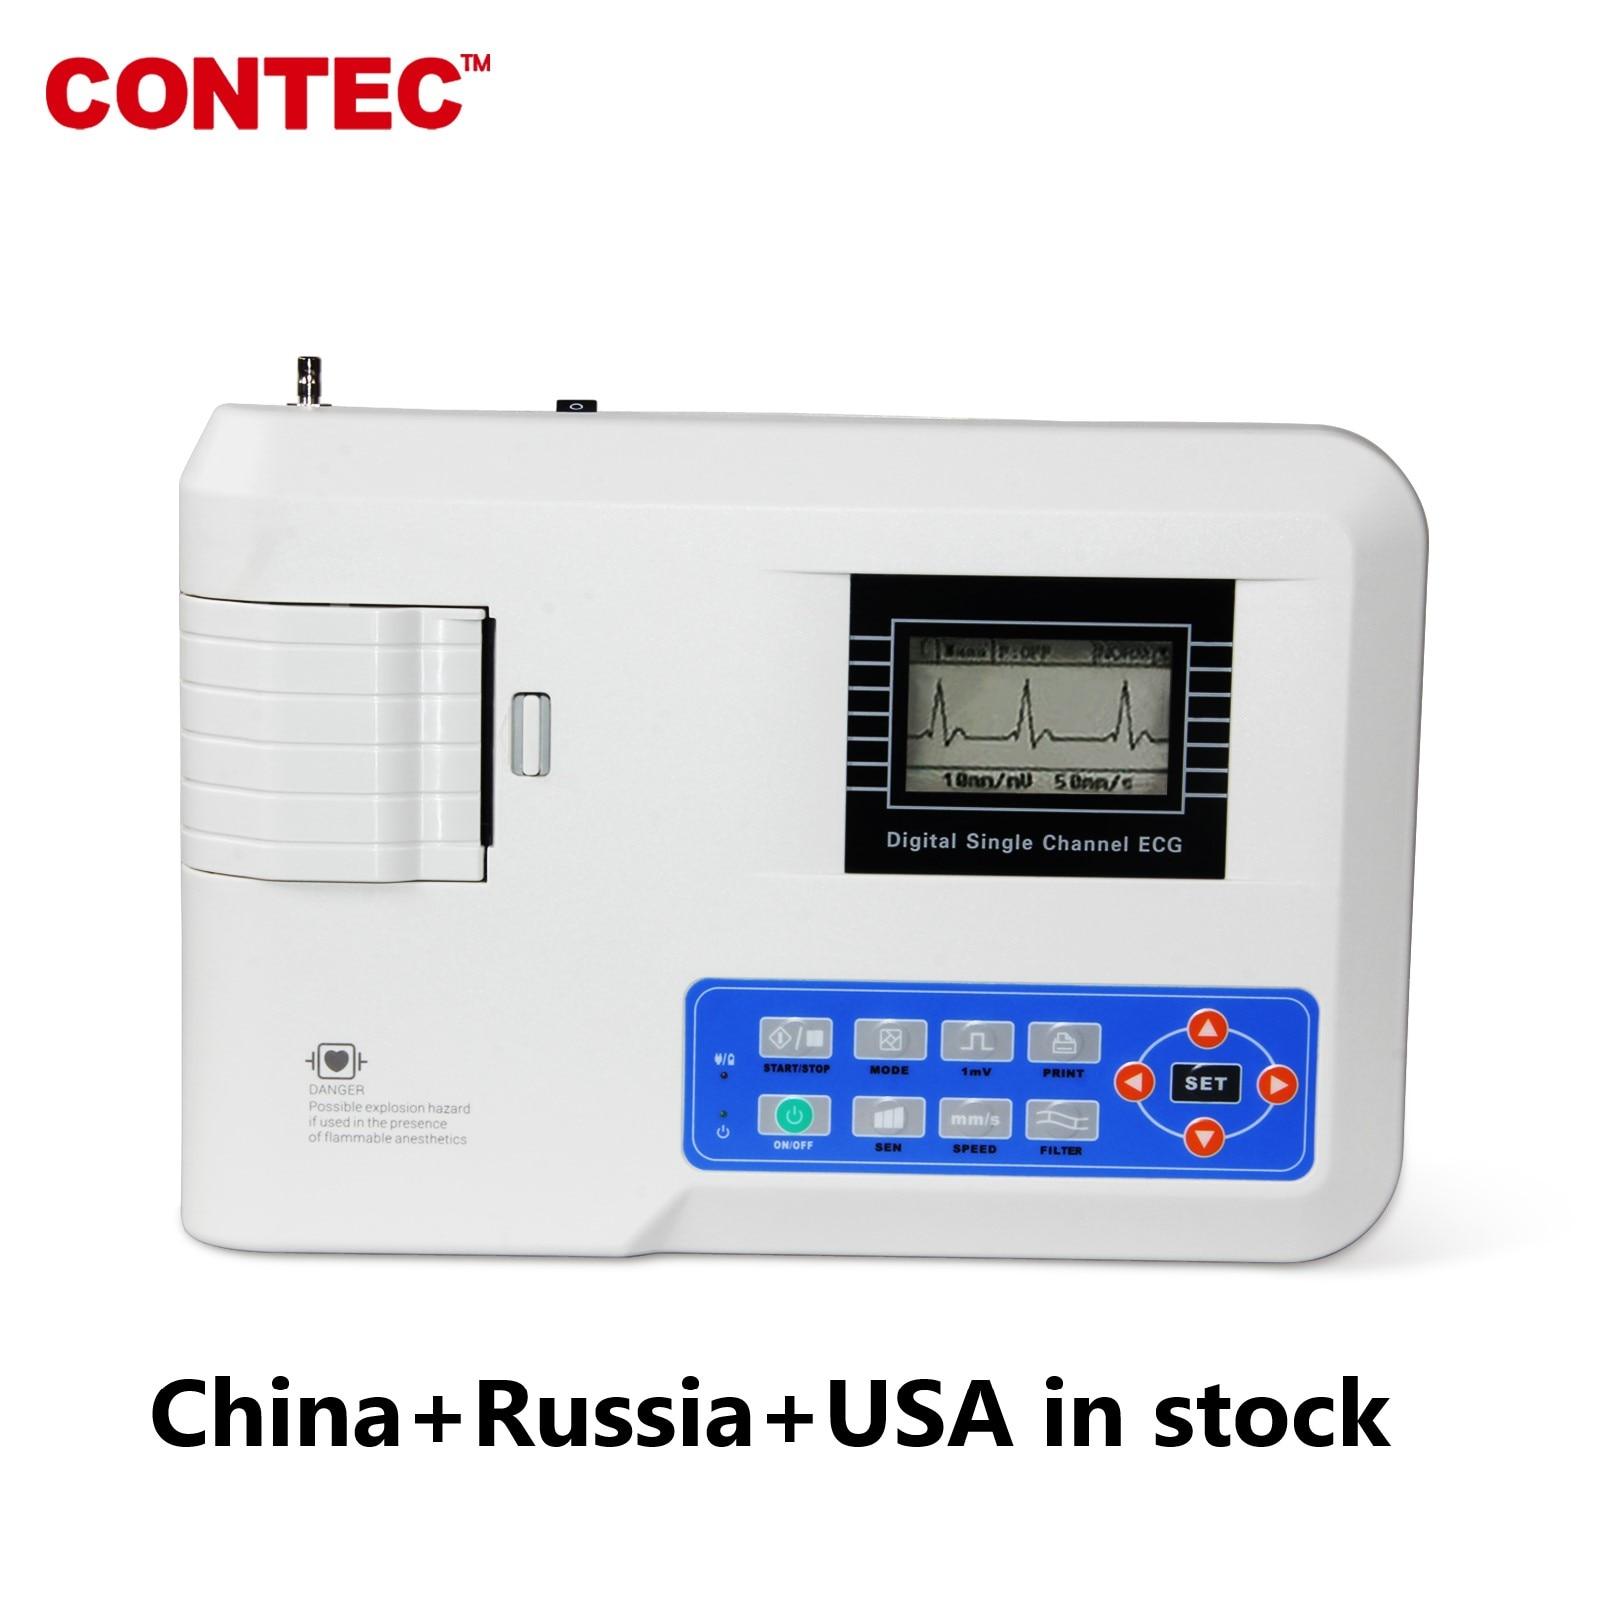 قناة واحدة ماكينة عمل مخطط كهربية القلب CONTEC ECG100G 12 الرصاص EKG تخطيط القلب ، الطابعة ، CE